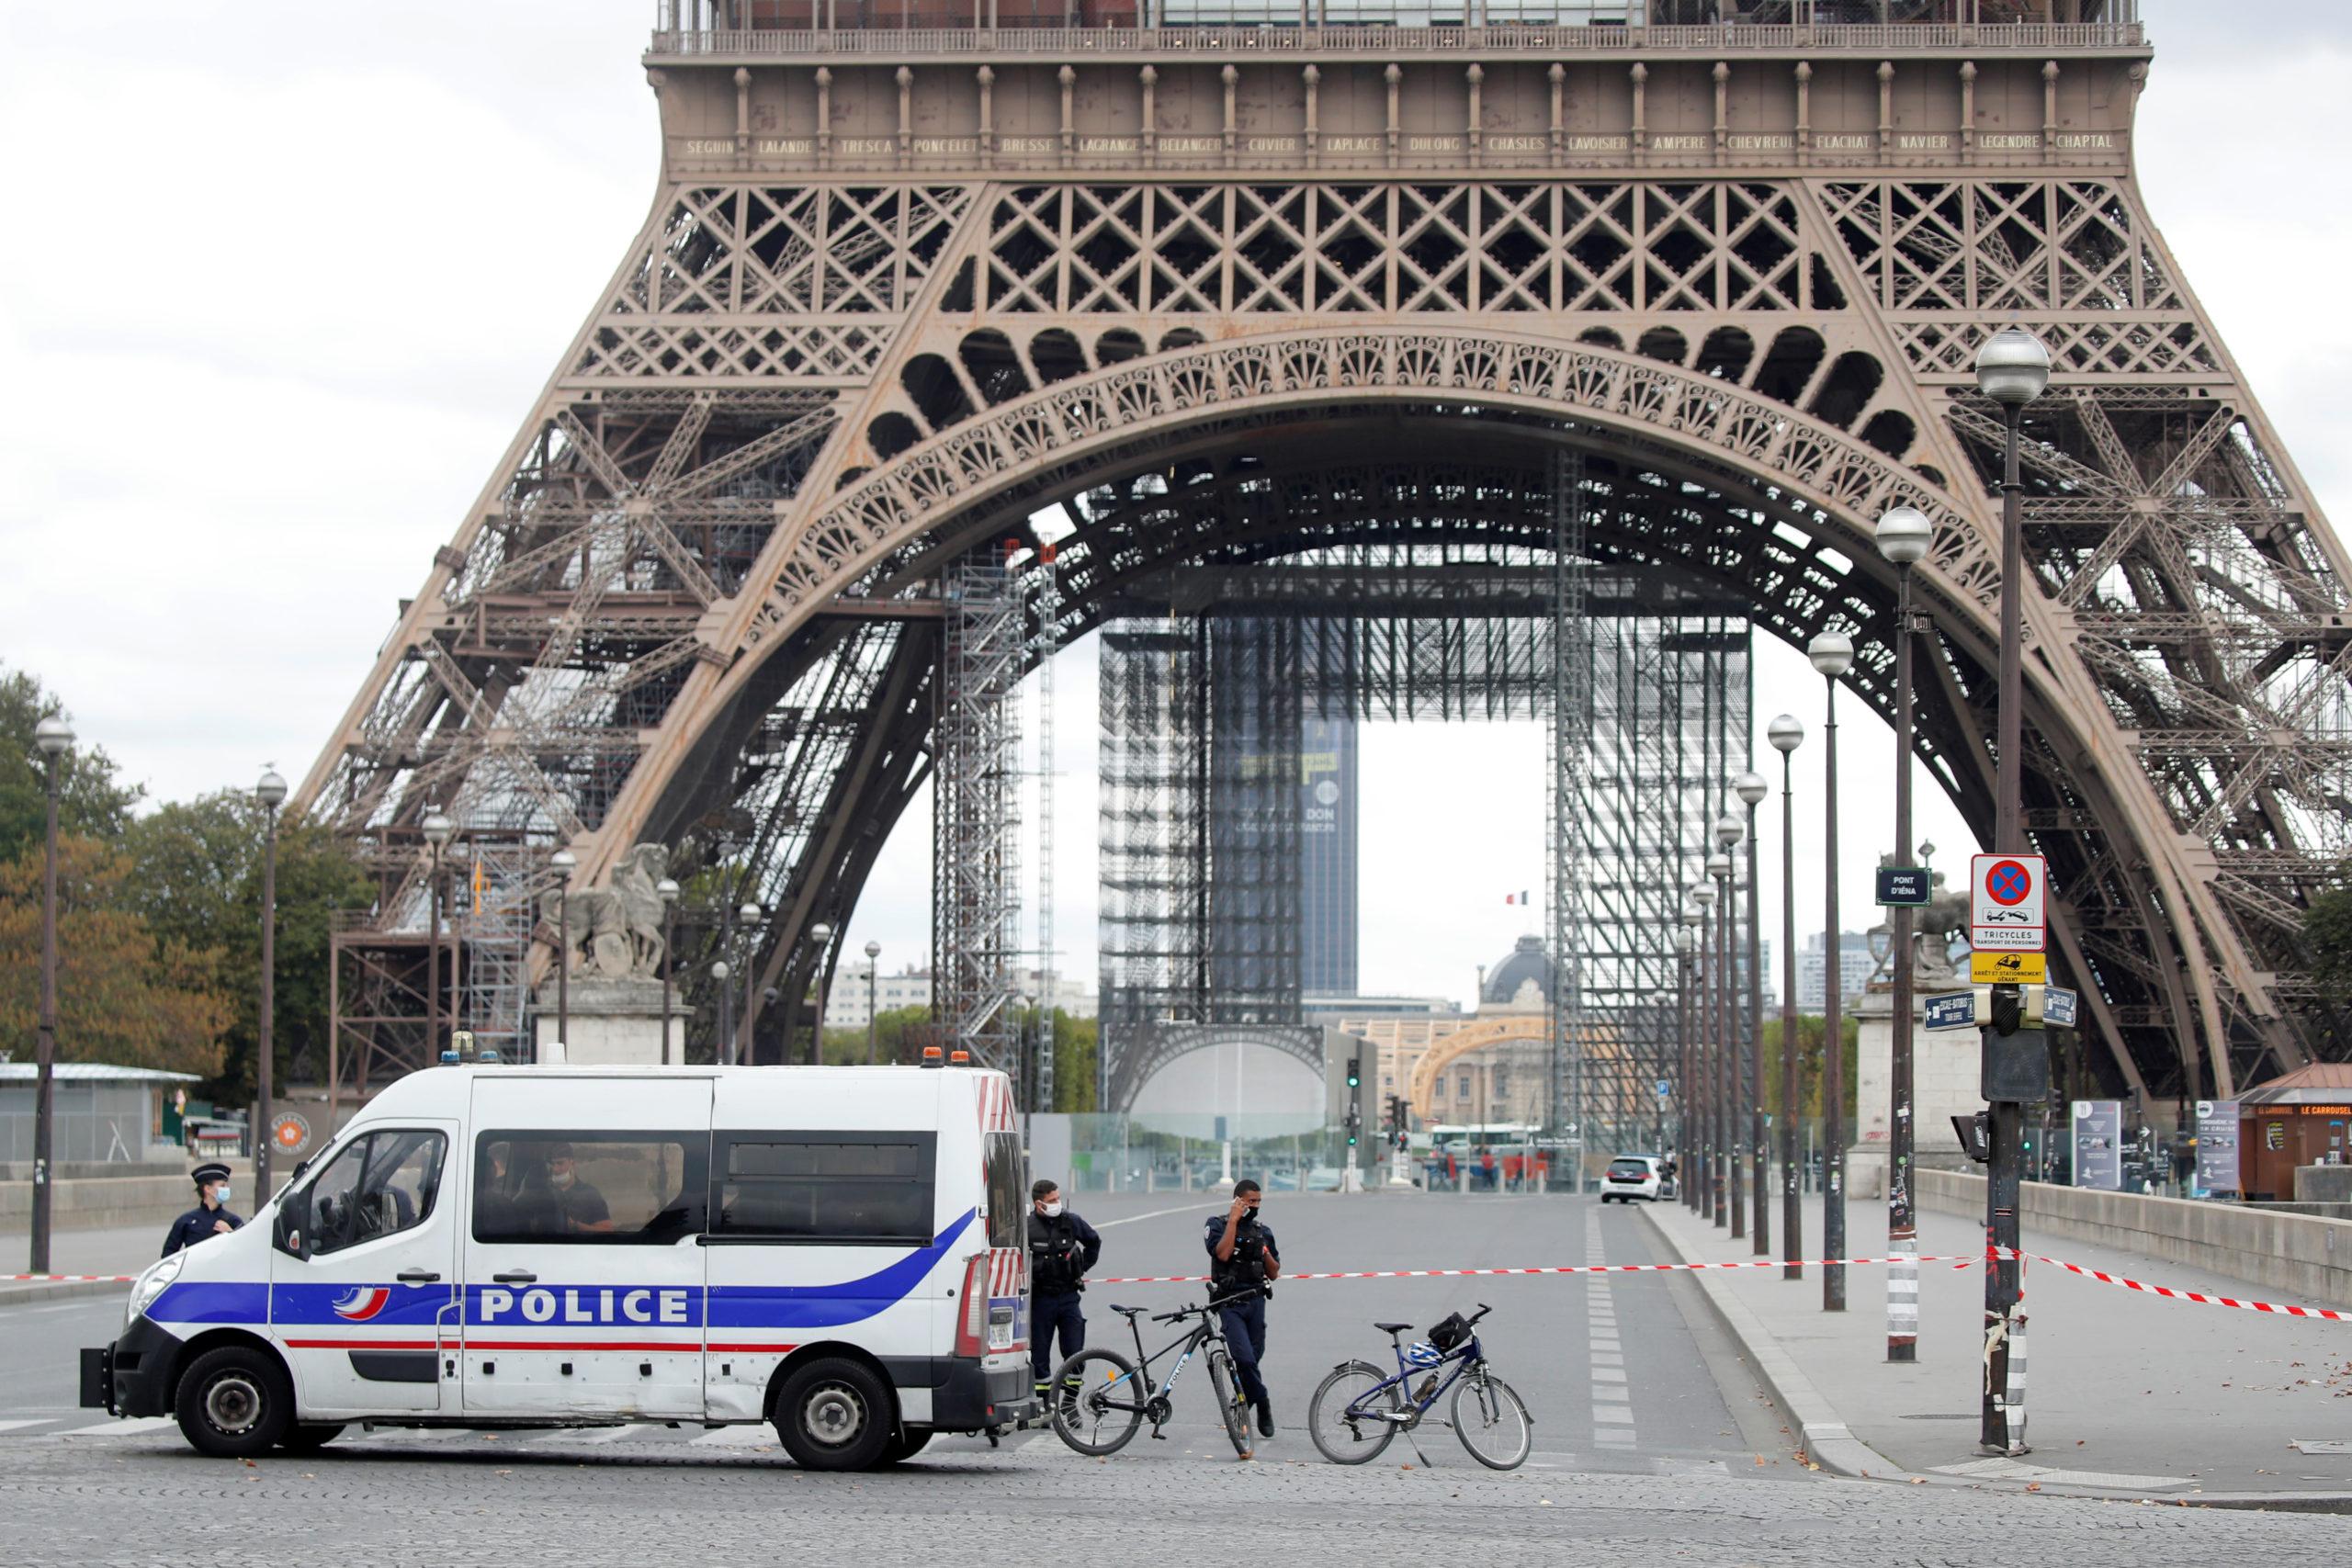 La Tour Eiffel évacuée après une alerte à la bombe, rapporte BFM